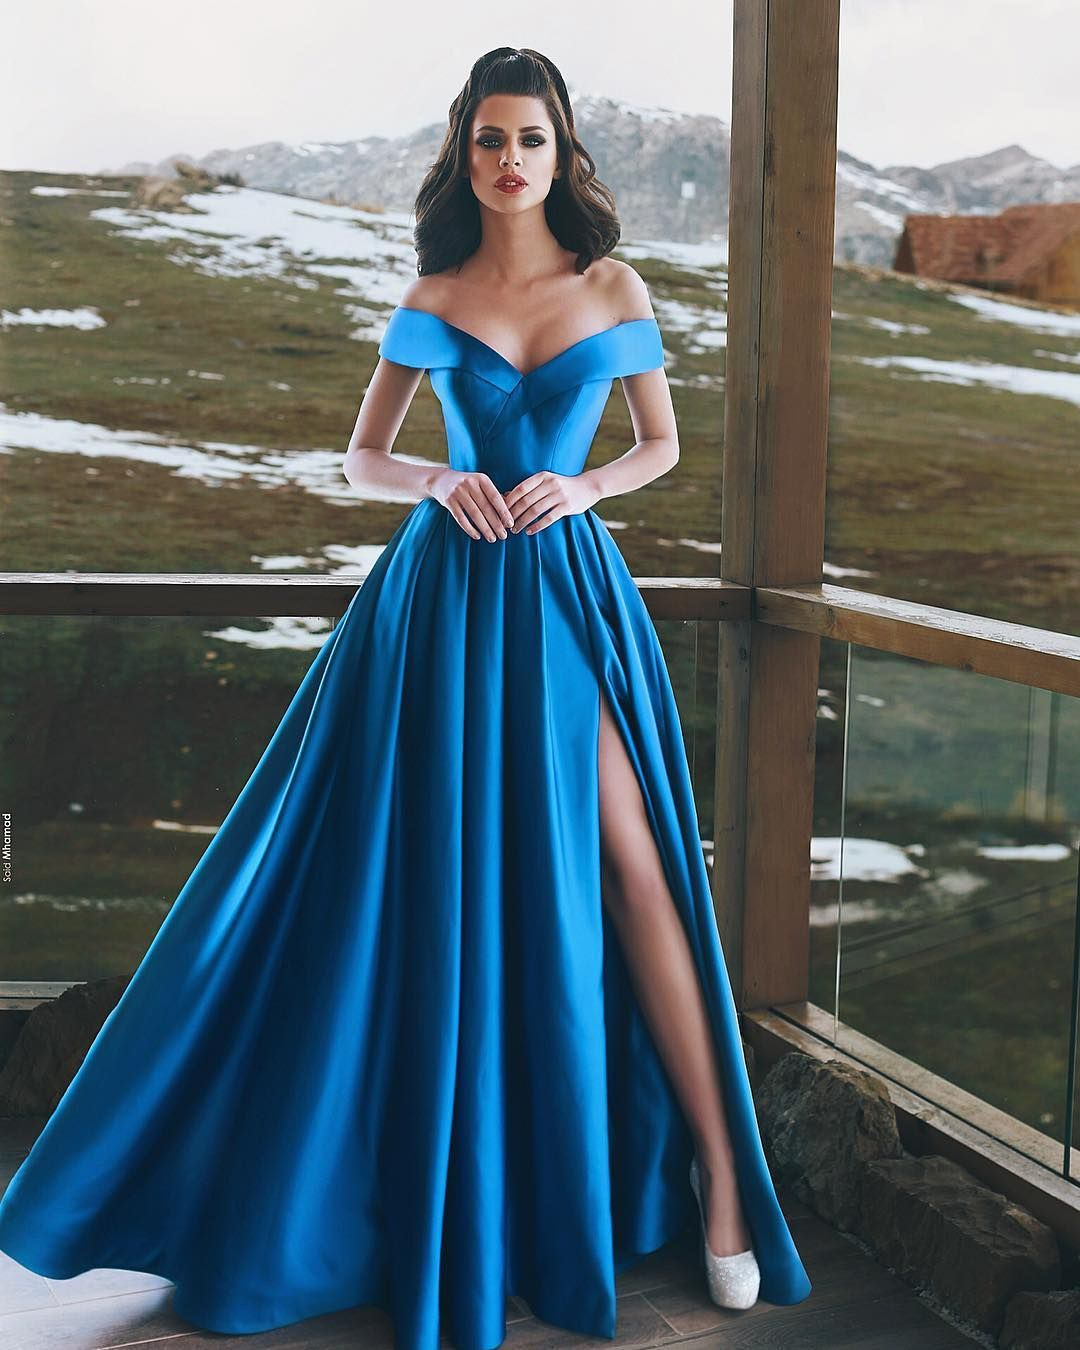 Leicht Abendkleider Bodenlang Günstig Vertrieb10 Leicht Abendkleider Bodenlang Günstig Galerie